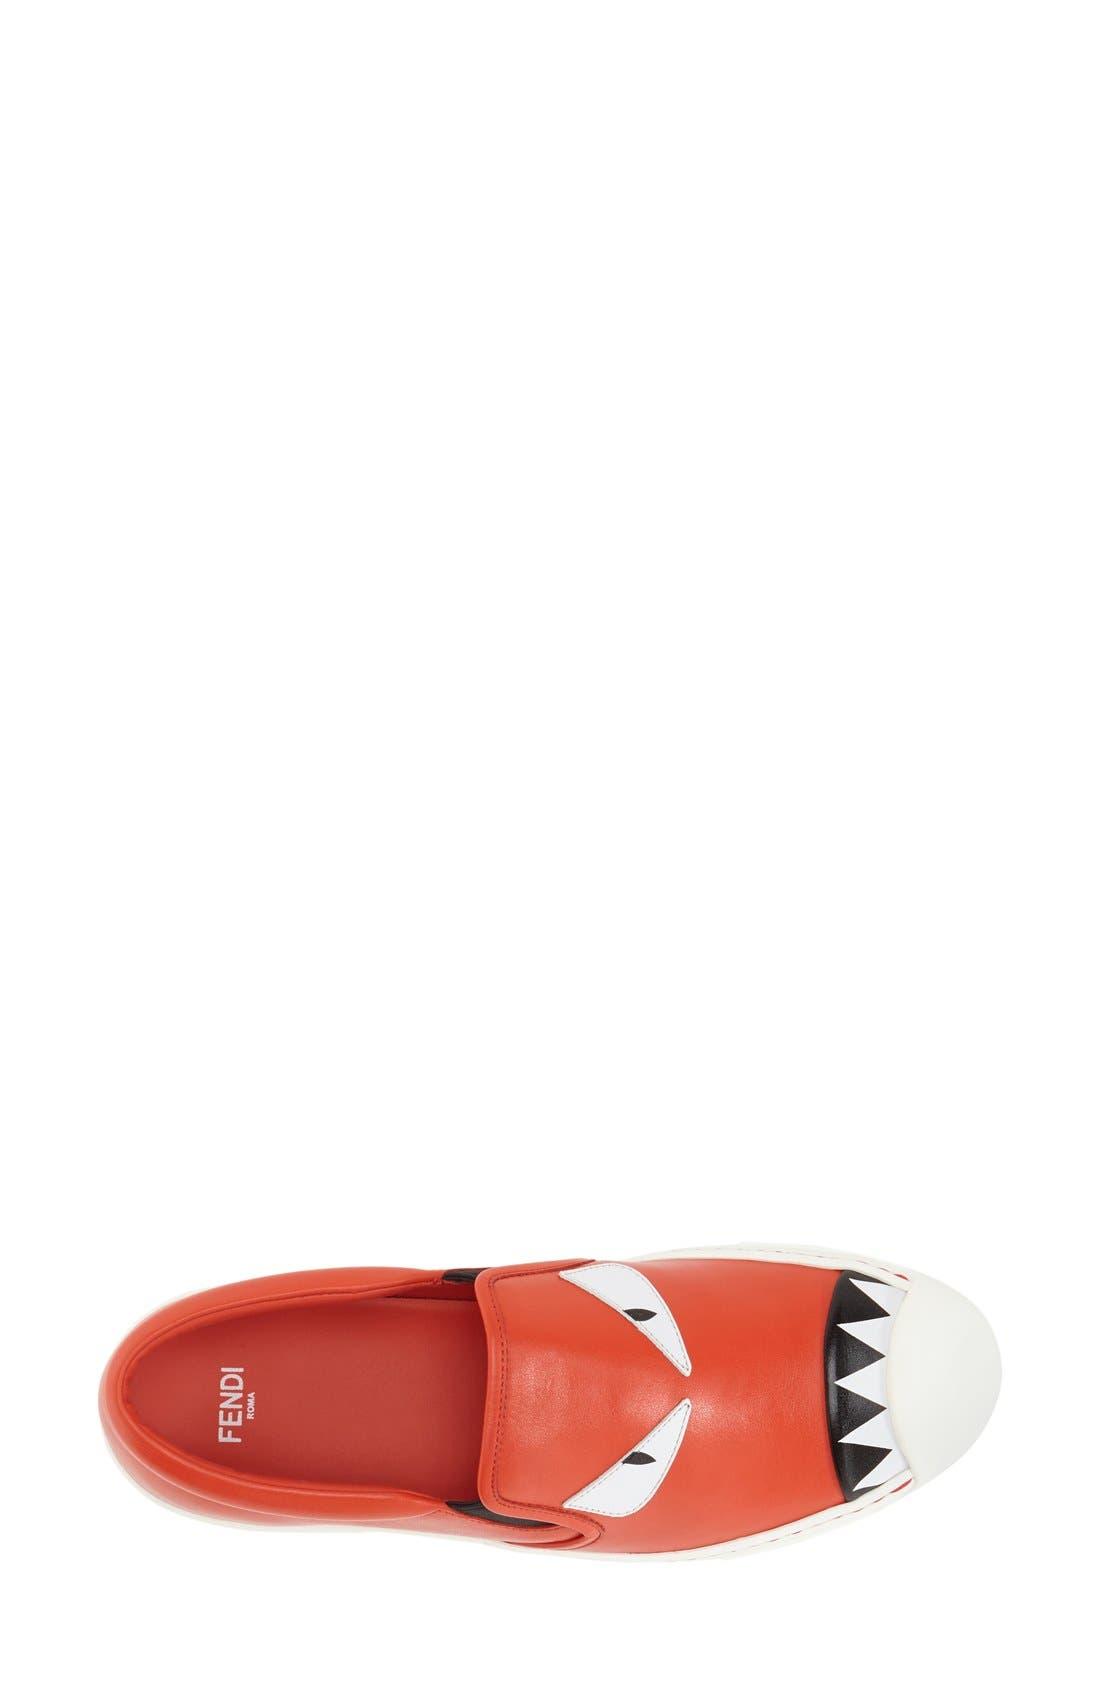 Monster Sneaker,                             Alternate thumbnail 3, color,                             Papvero Leather